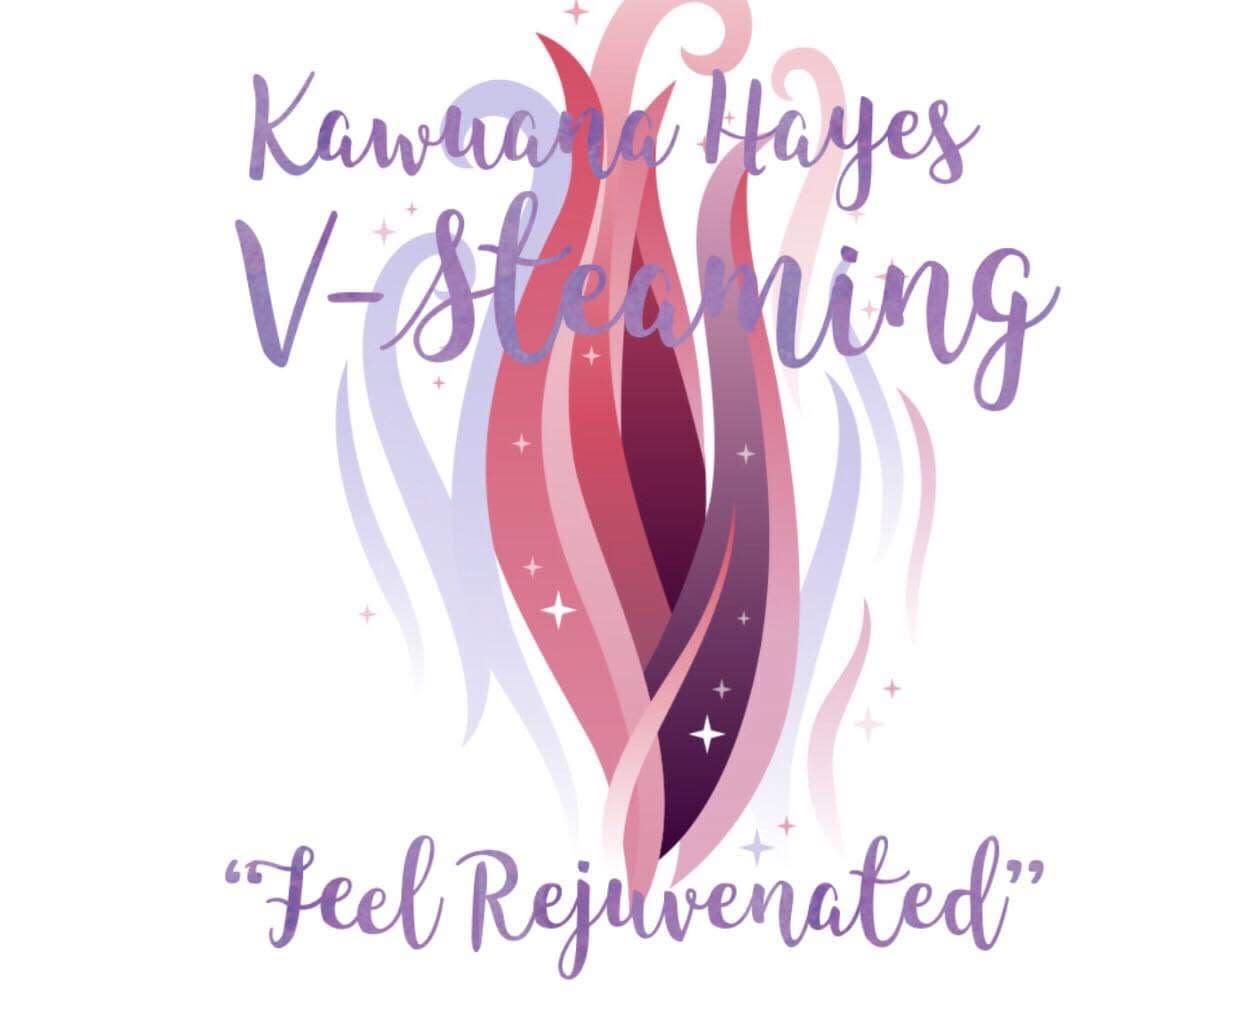 Kawuana Hayes V-Steaming